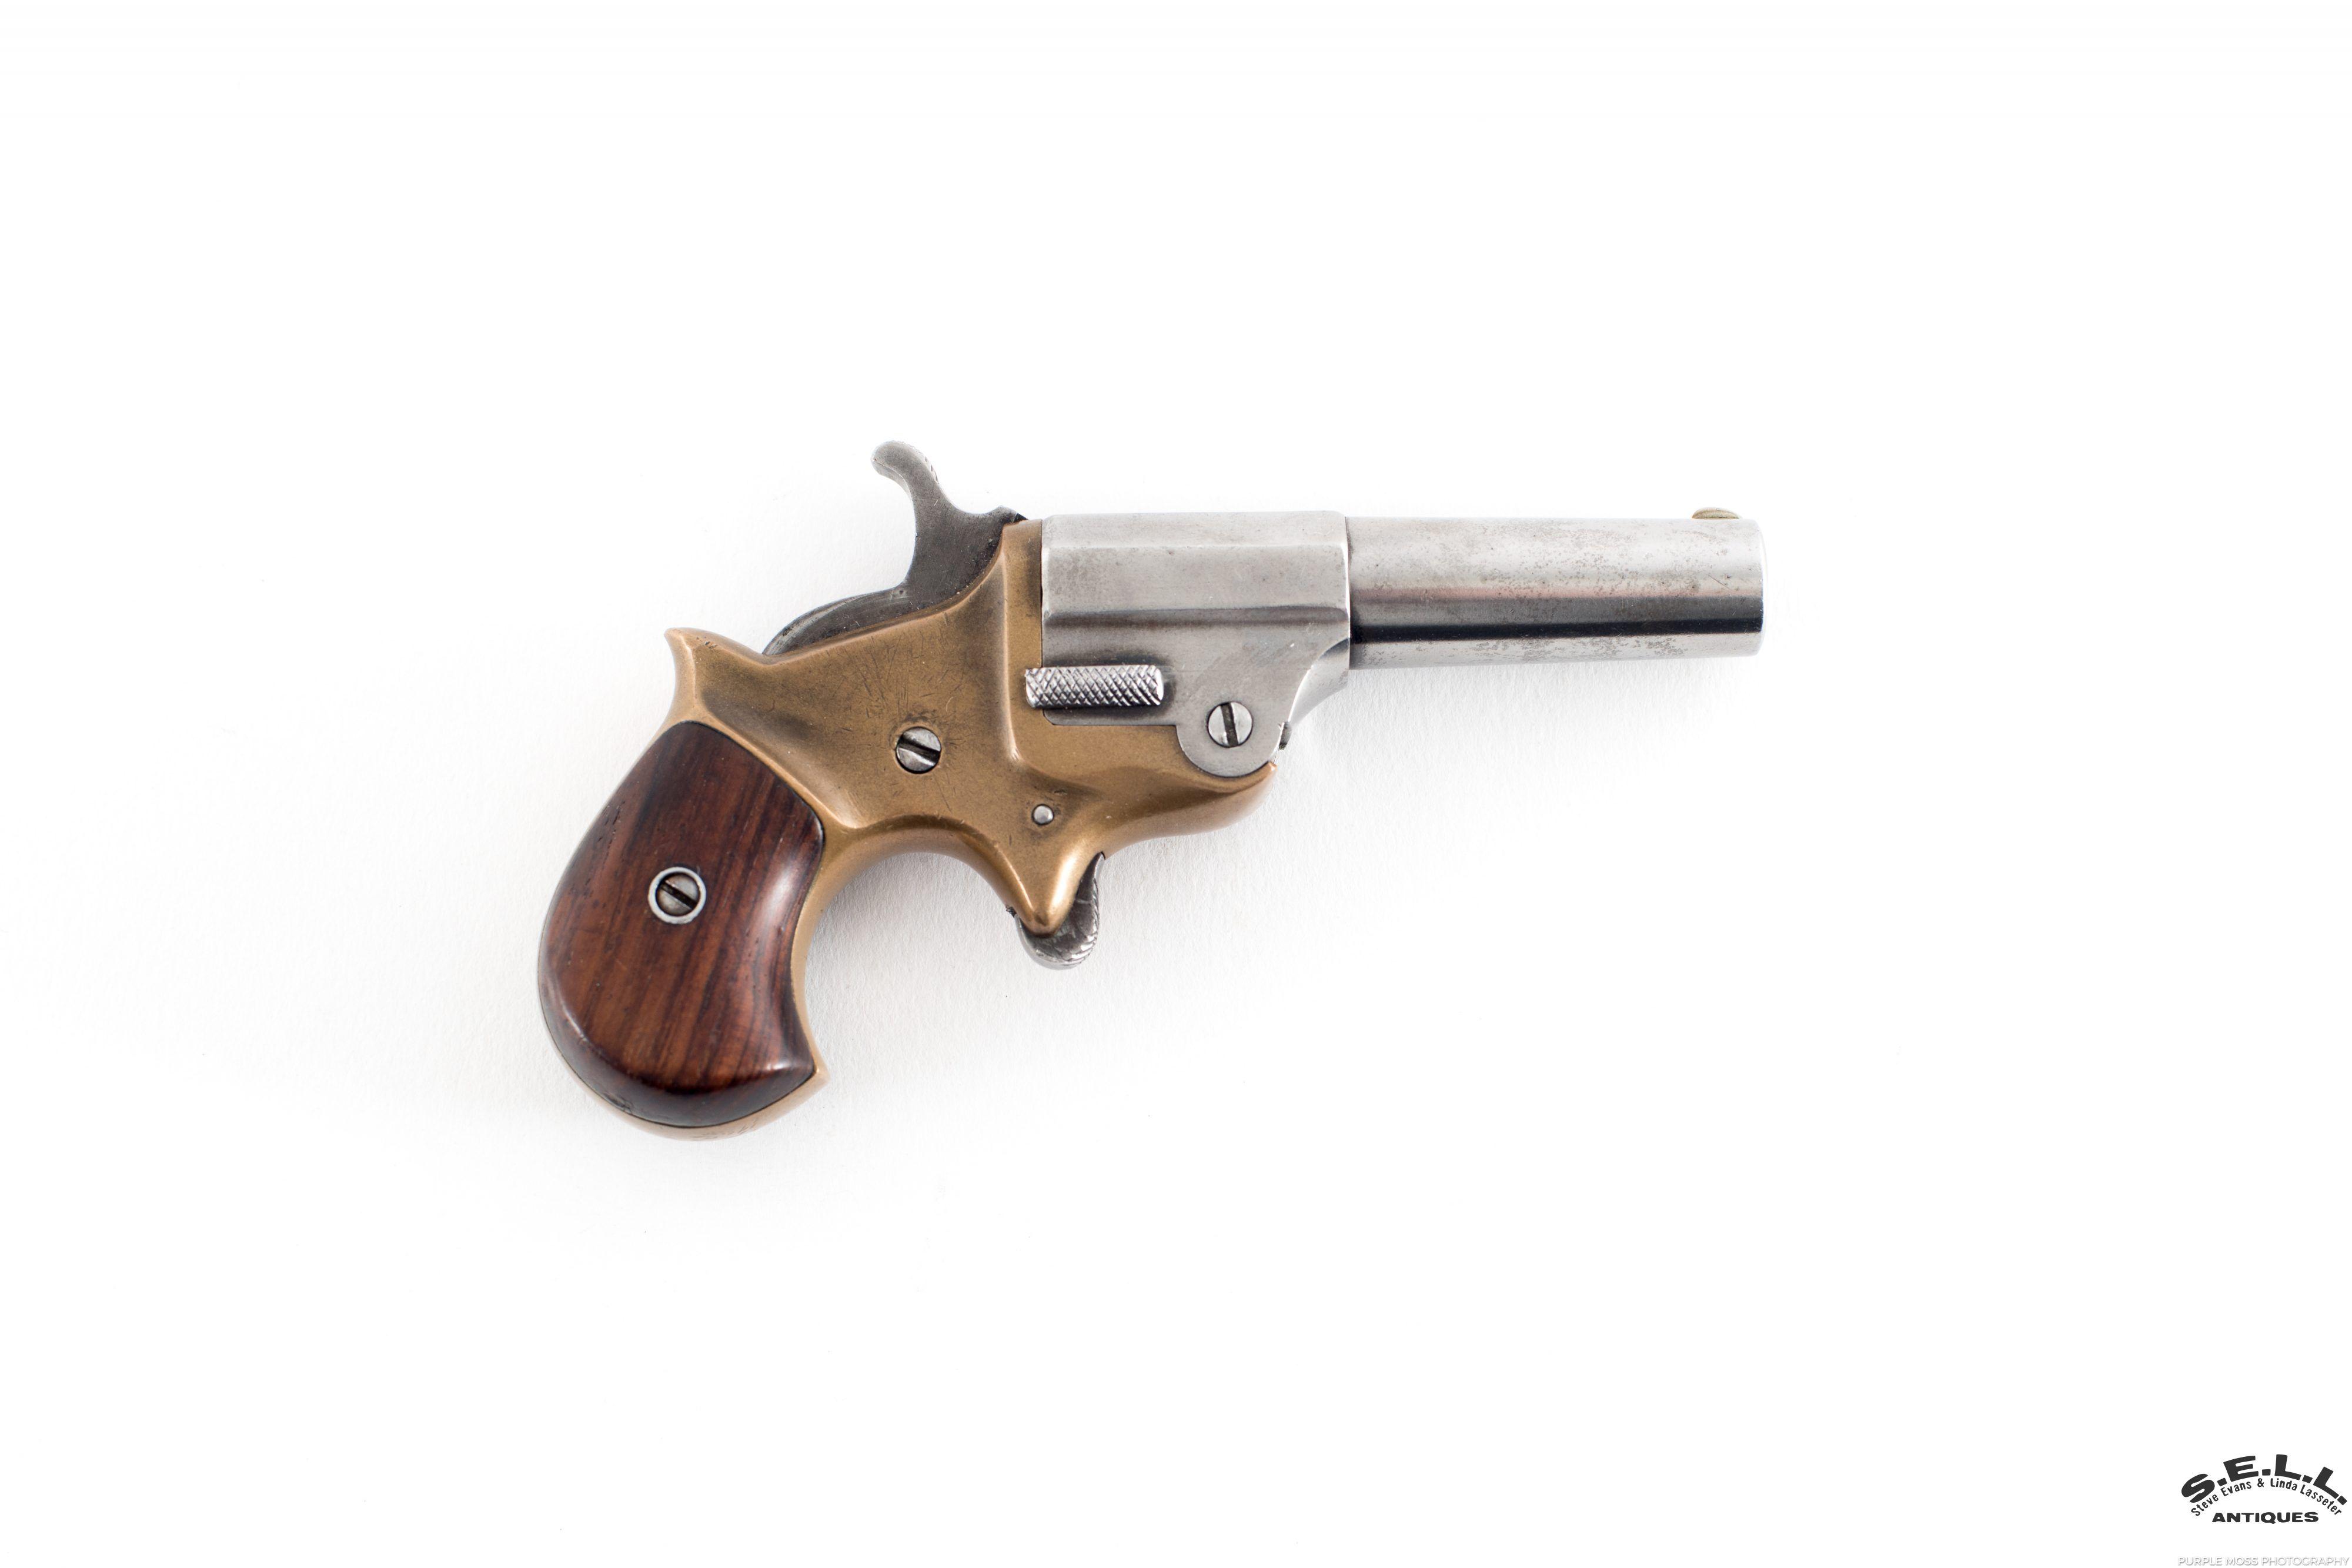 Ballard single shot deringer 41 rimfire caliber antique Worcester authentic  part octagon part round walnut grip